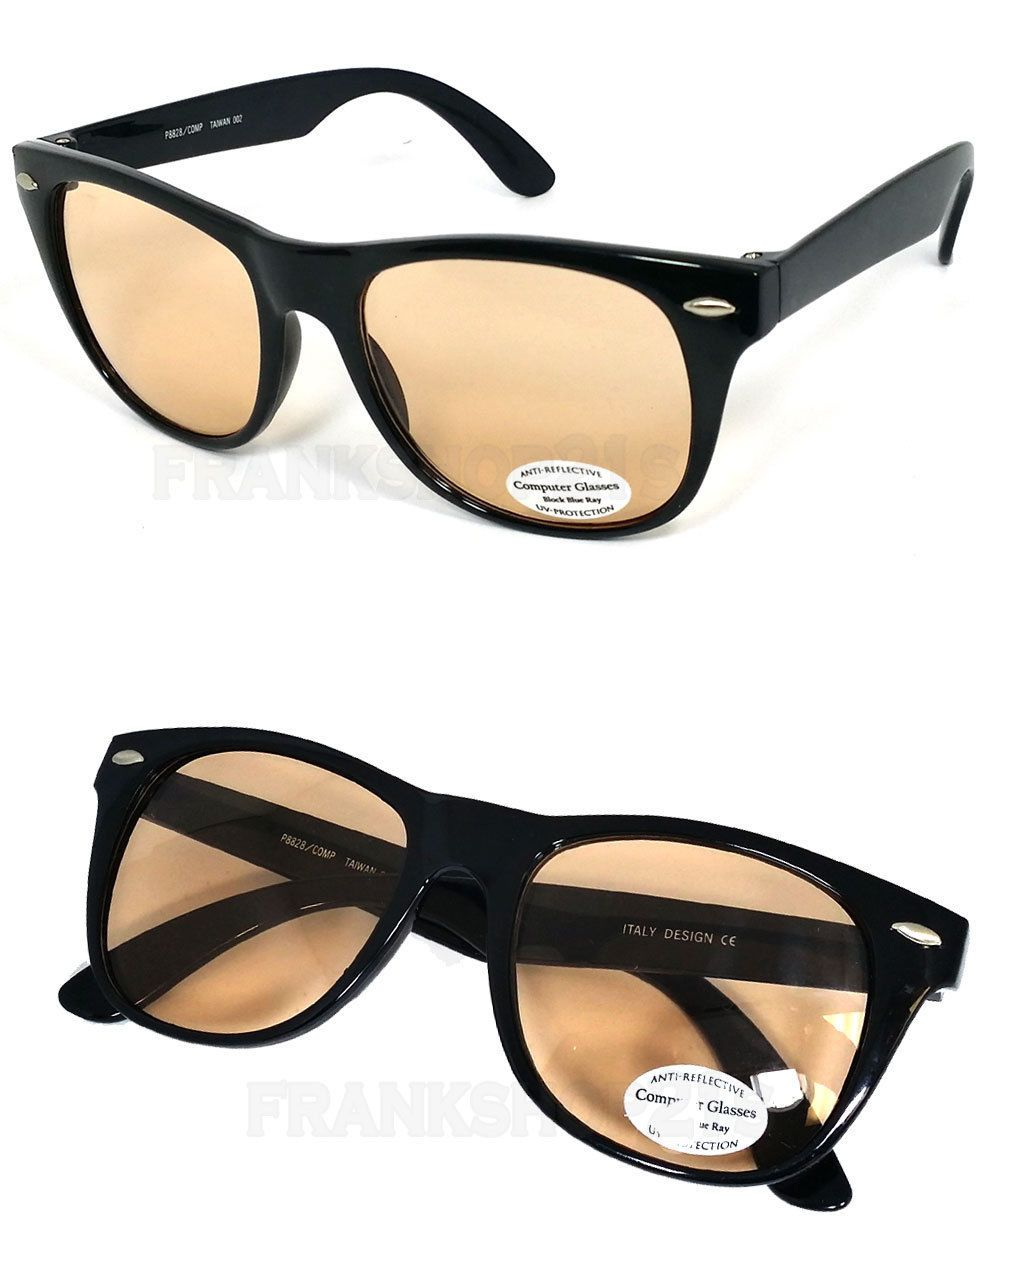 8c65f96c4deb Square Frame Anti Reflective Pro Computer Glasses Sunglasses Block Blue Ray  Uv